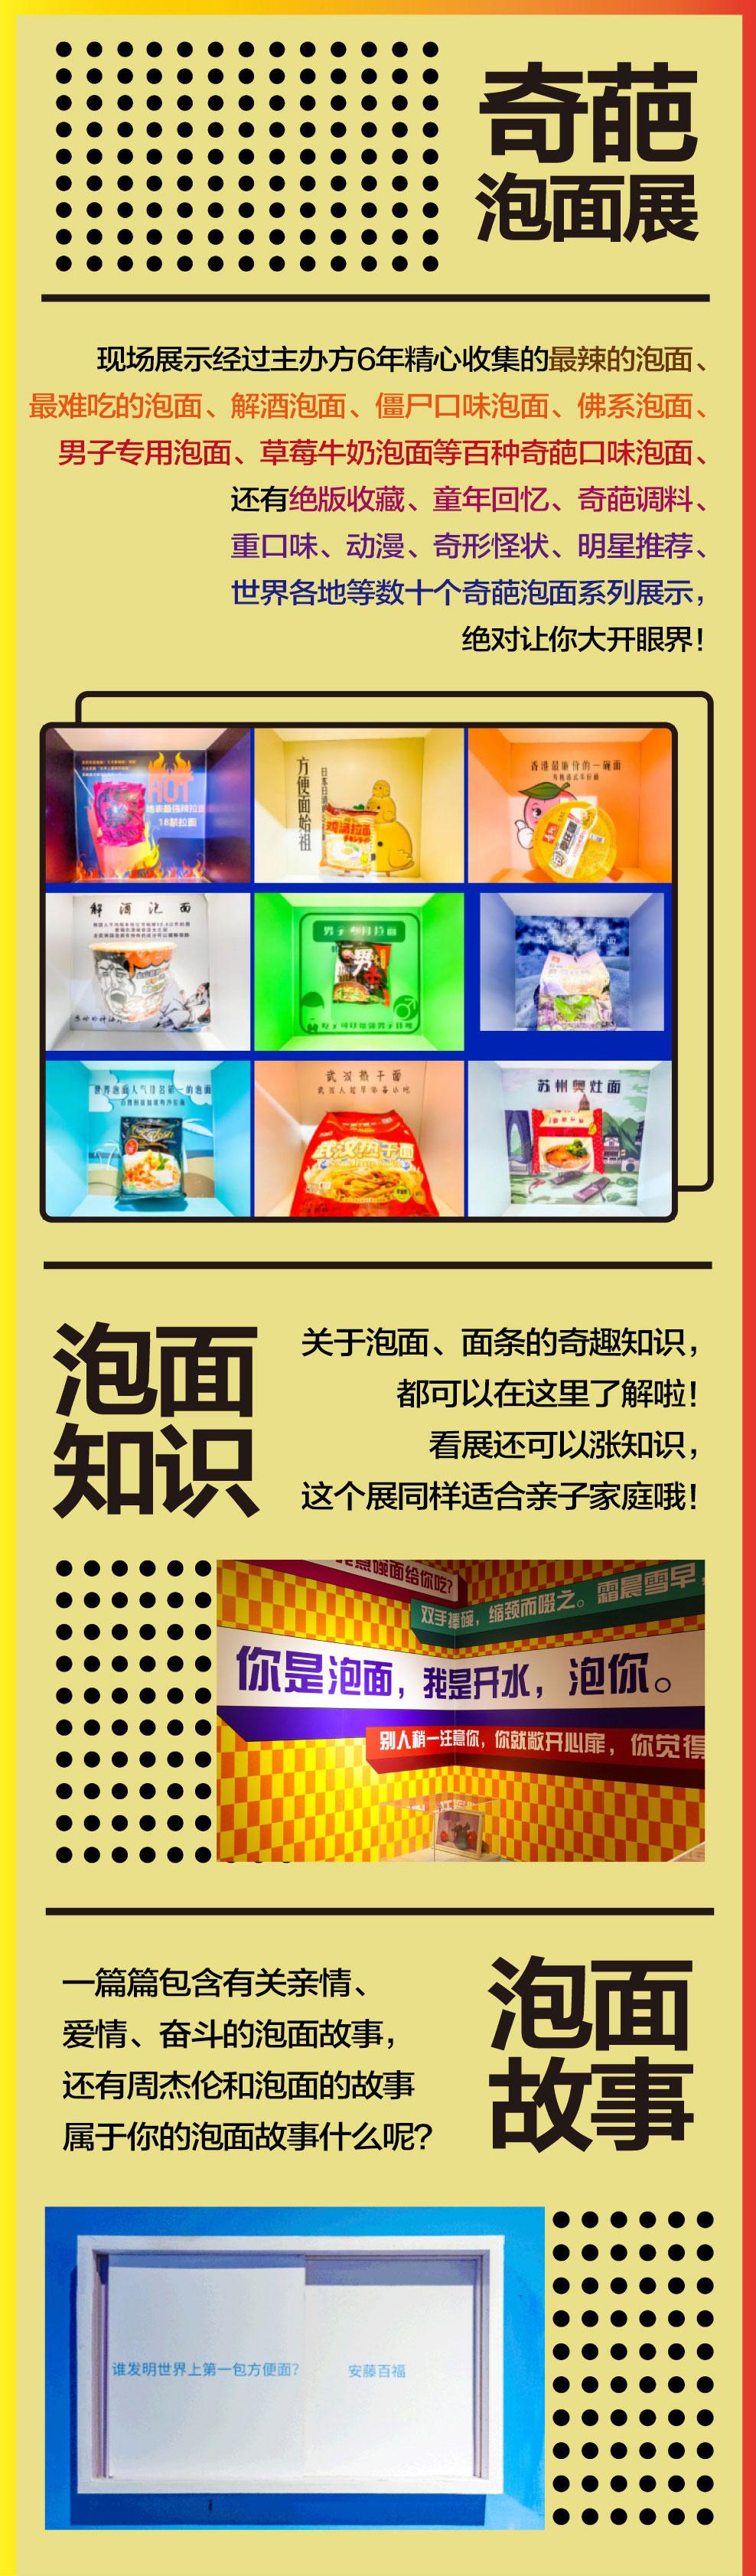 上海泡面博物馆9